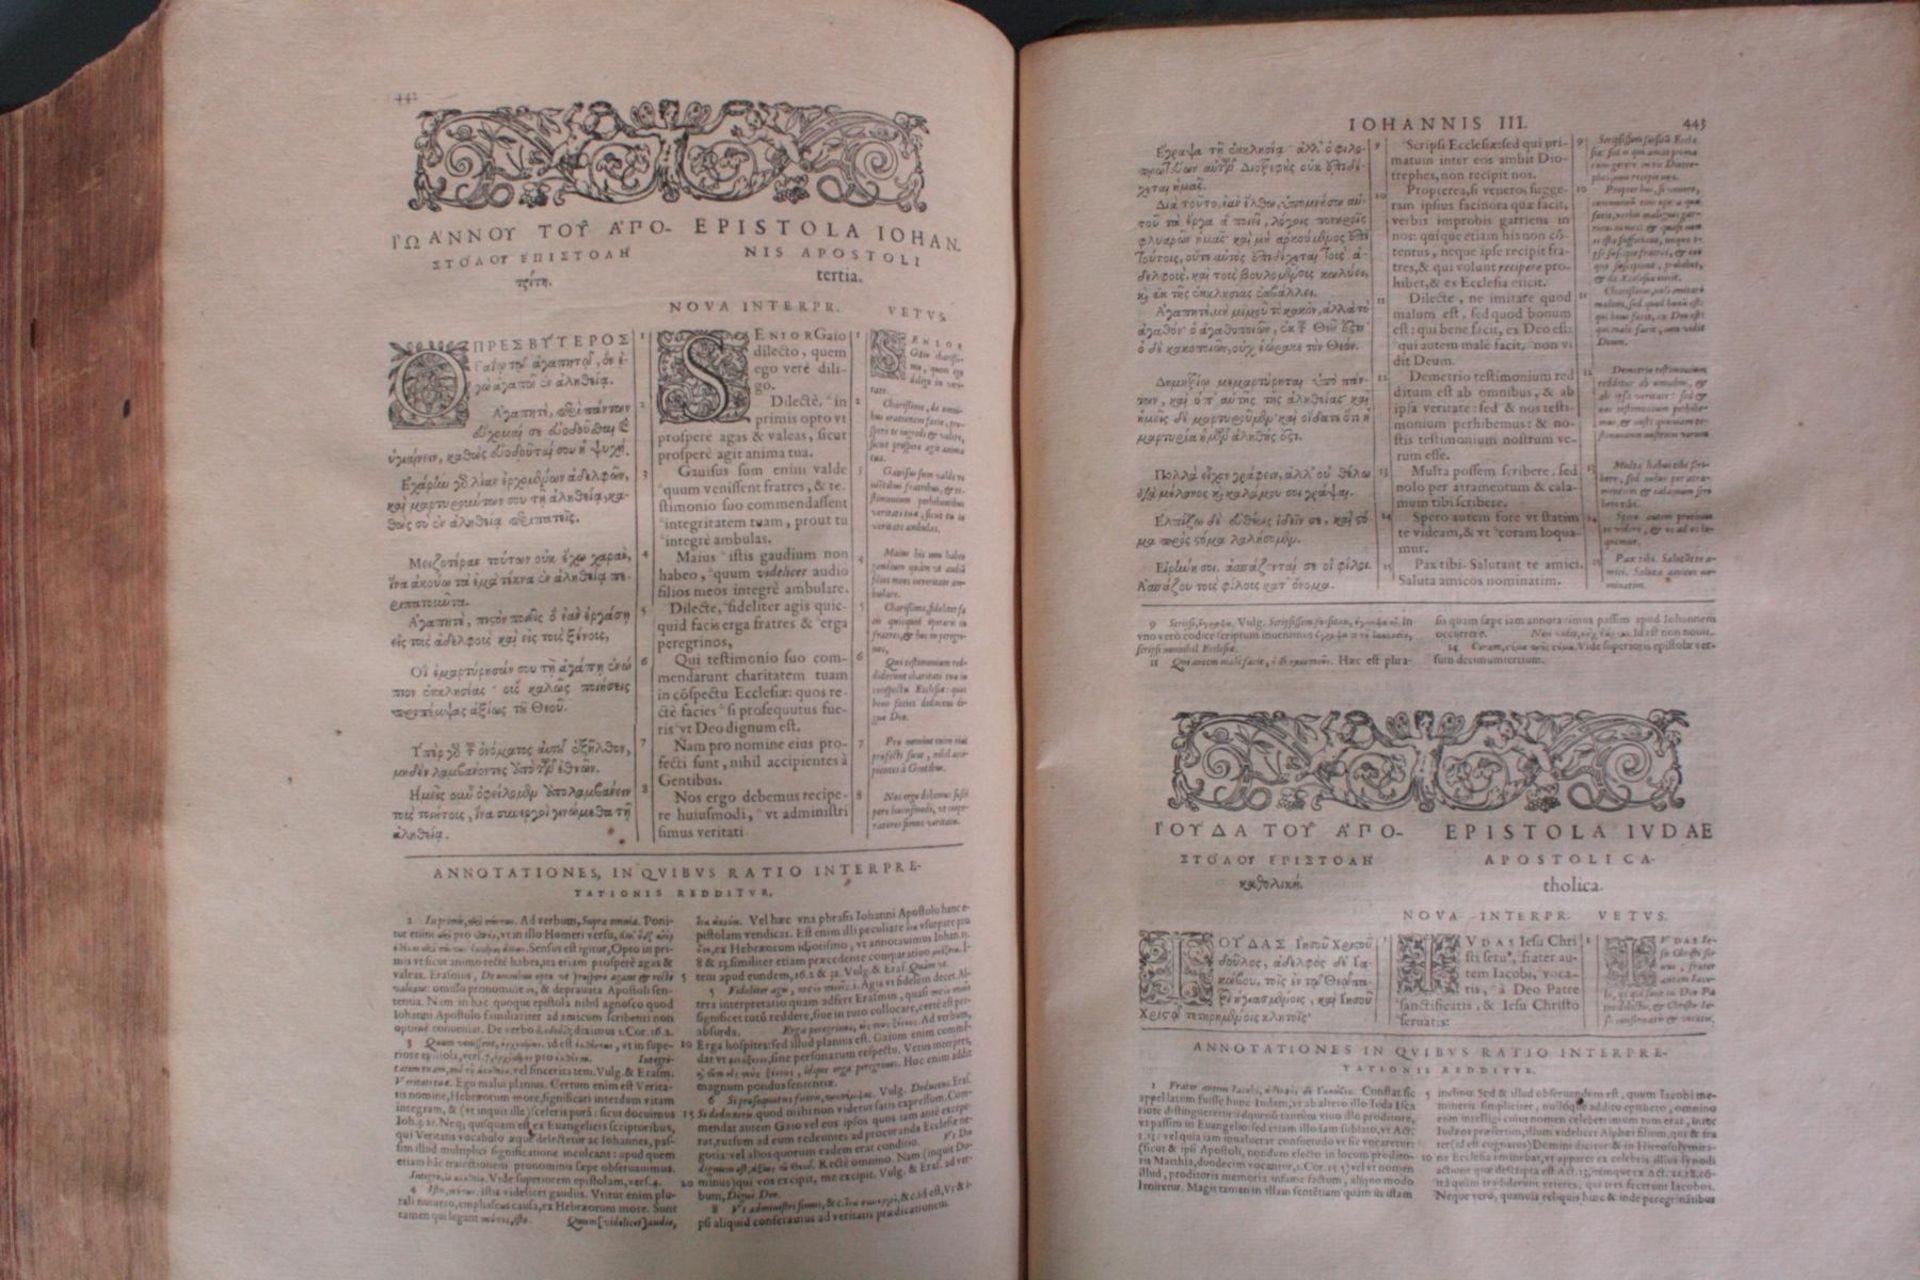 Griechische-Lateinische Bibel, Novum Testamentum 1582 - Bild 19 aus 23